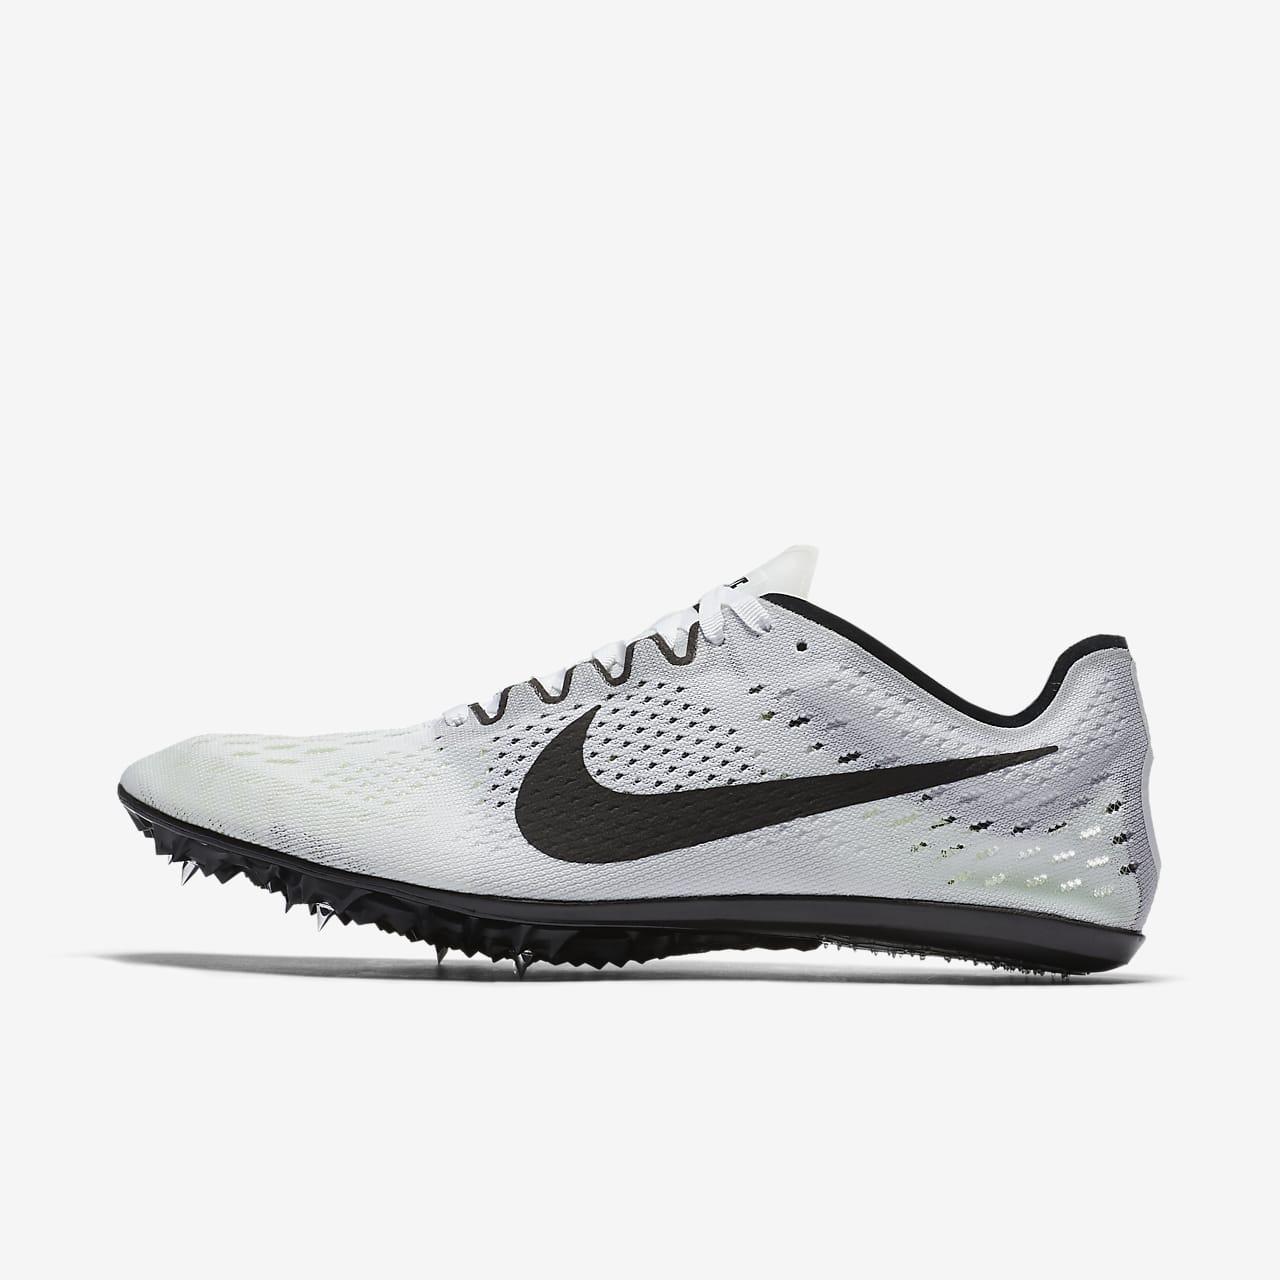 Παπούτσι στίβου με καρφιά για αγώνες δρόμου Nike Zoom Victory 3